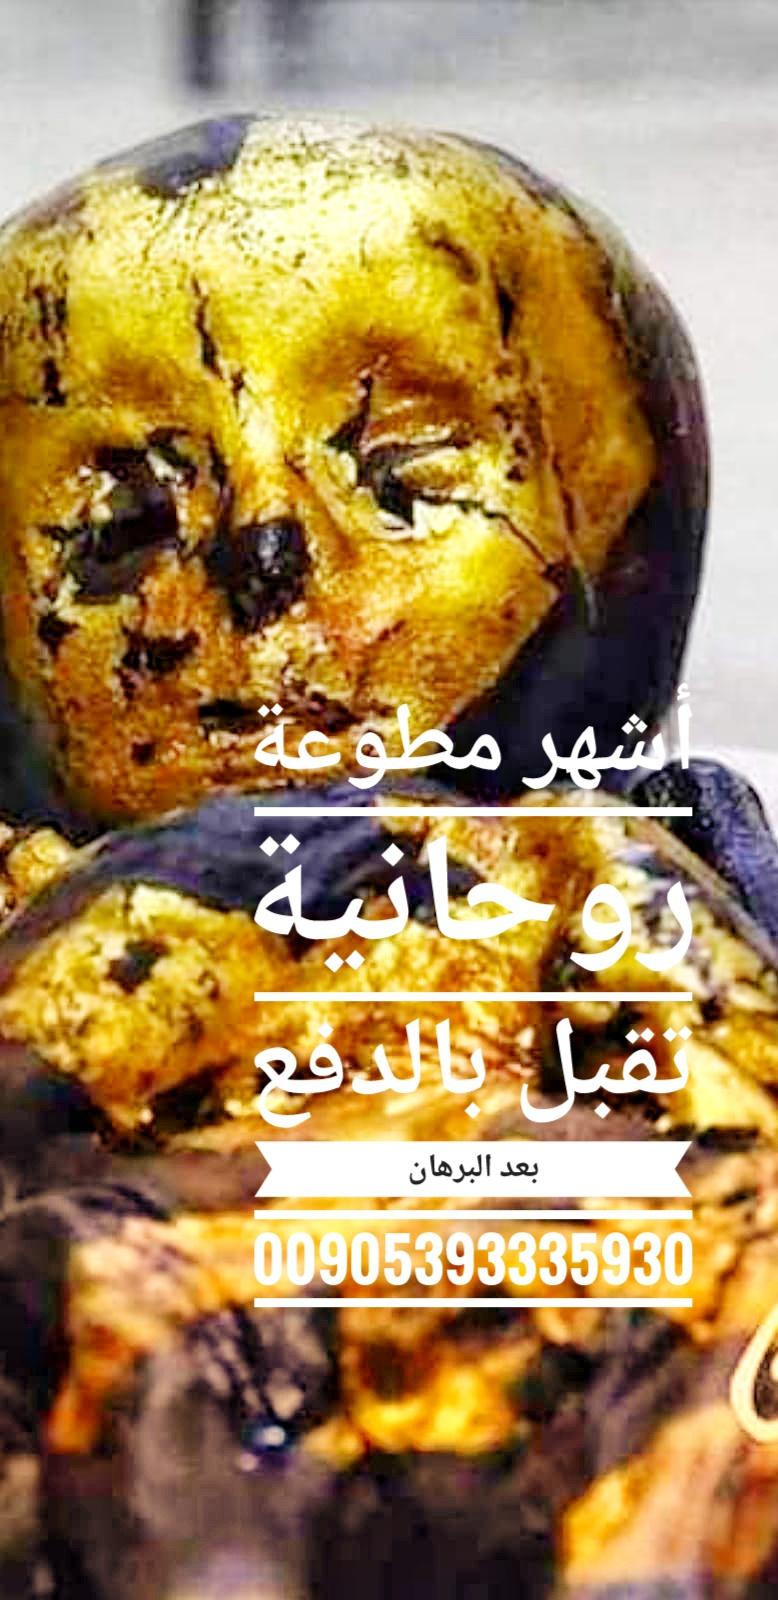 الهيبه والطاعه العمياء للزوج سحر المحبه في عمان